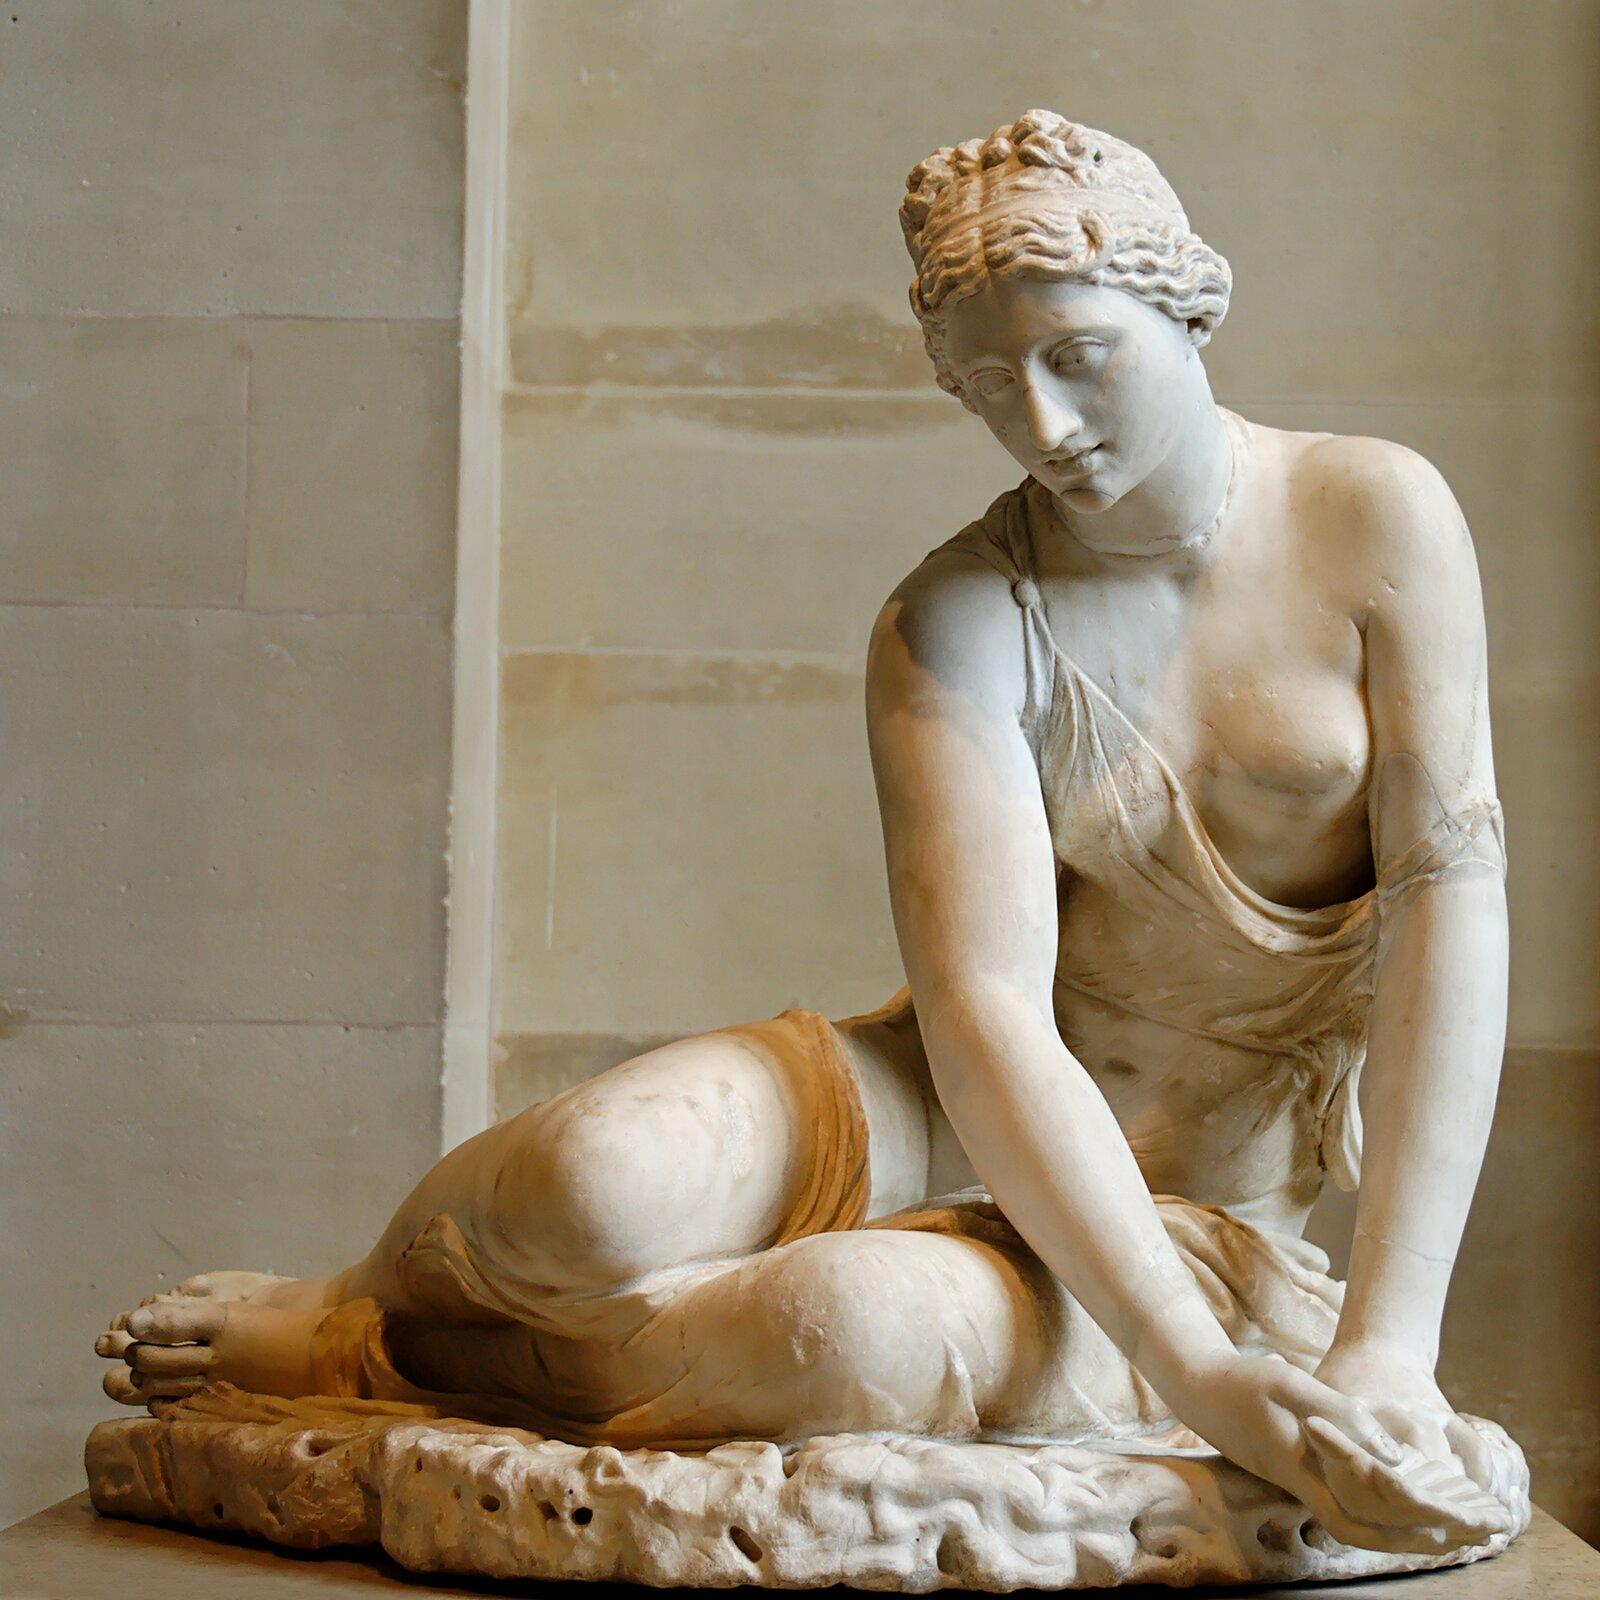 Ilustracja przedstawia rzeźbę kobiety-nimfy siedzącej na ziemi. Kobieta ma spięte włosy iubrana jest wlekką szatę, która zsunęła się zjej lewego ramienia, odsłaniając pierś. Wdłoniach nimfa trzyma muszlę. Rzeźba została wykonana zbiałego marmuru.